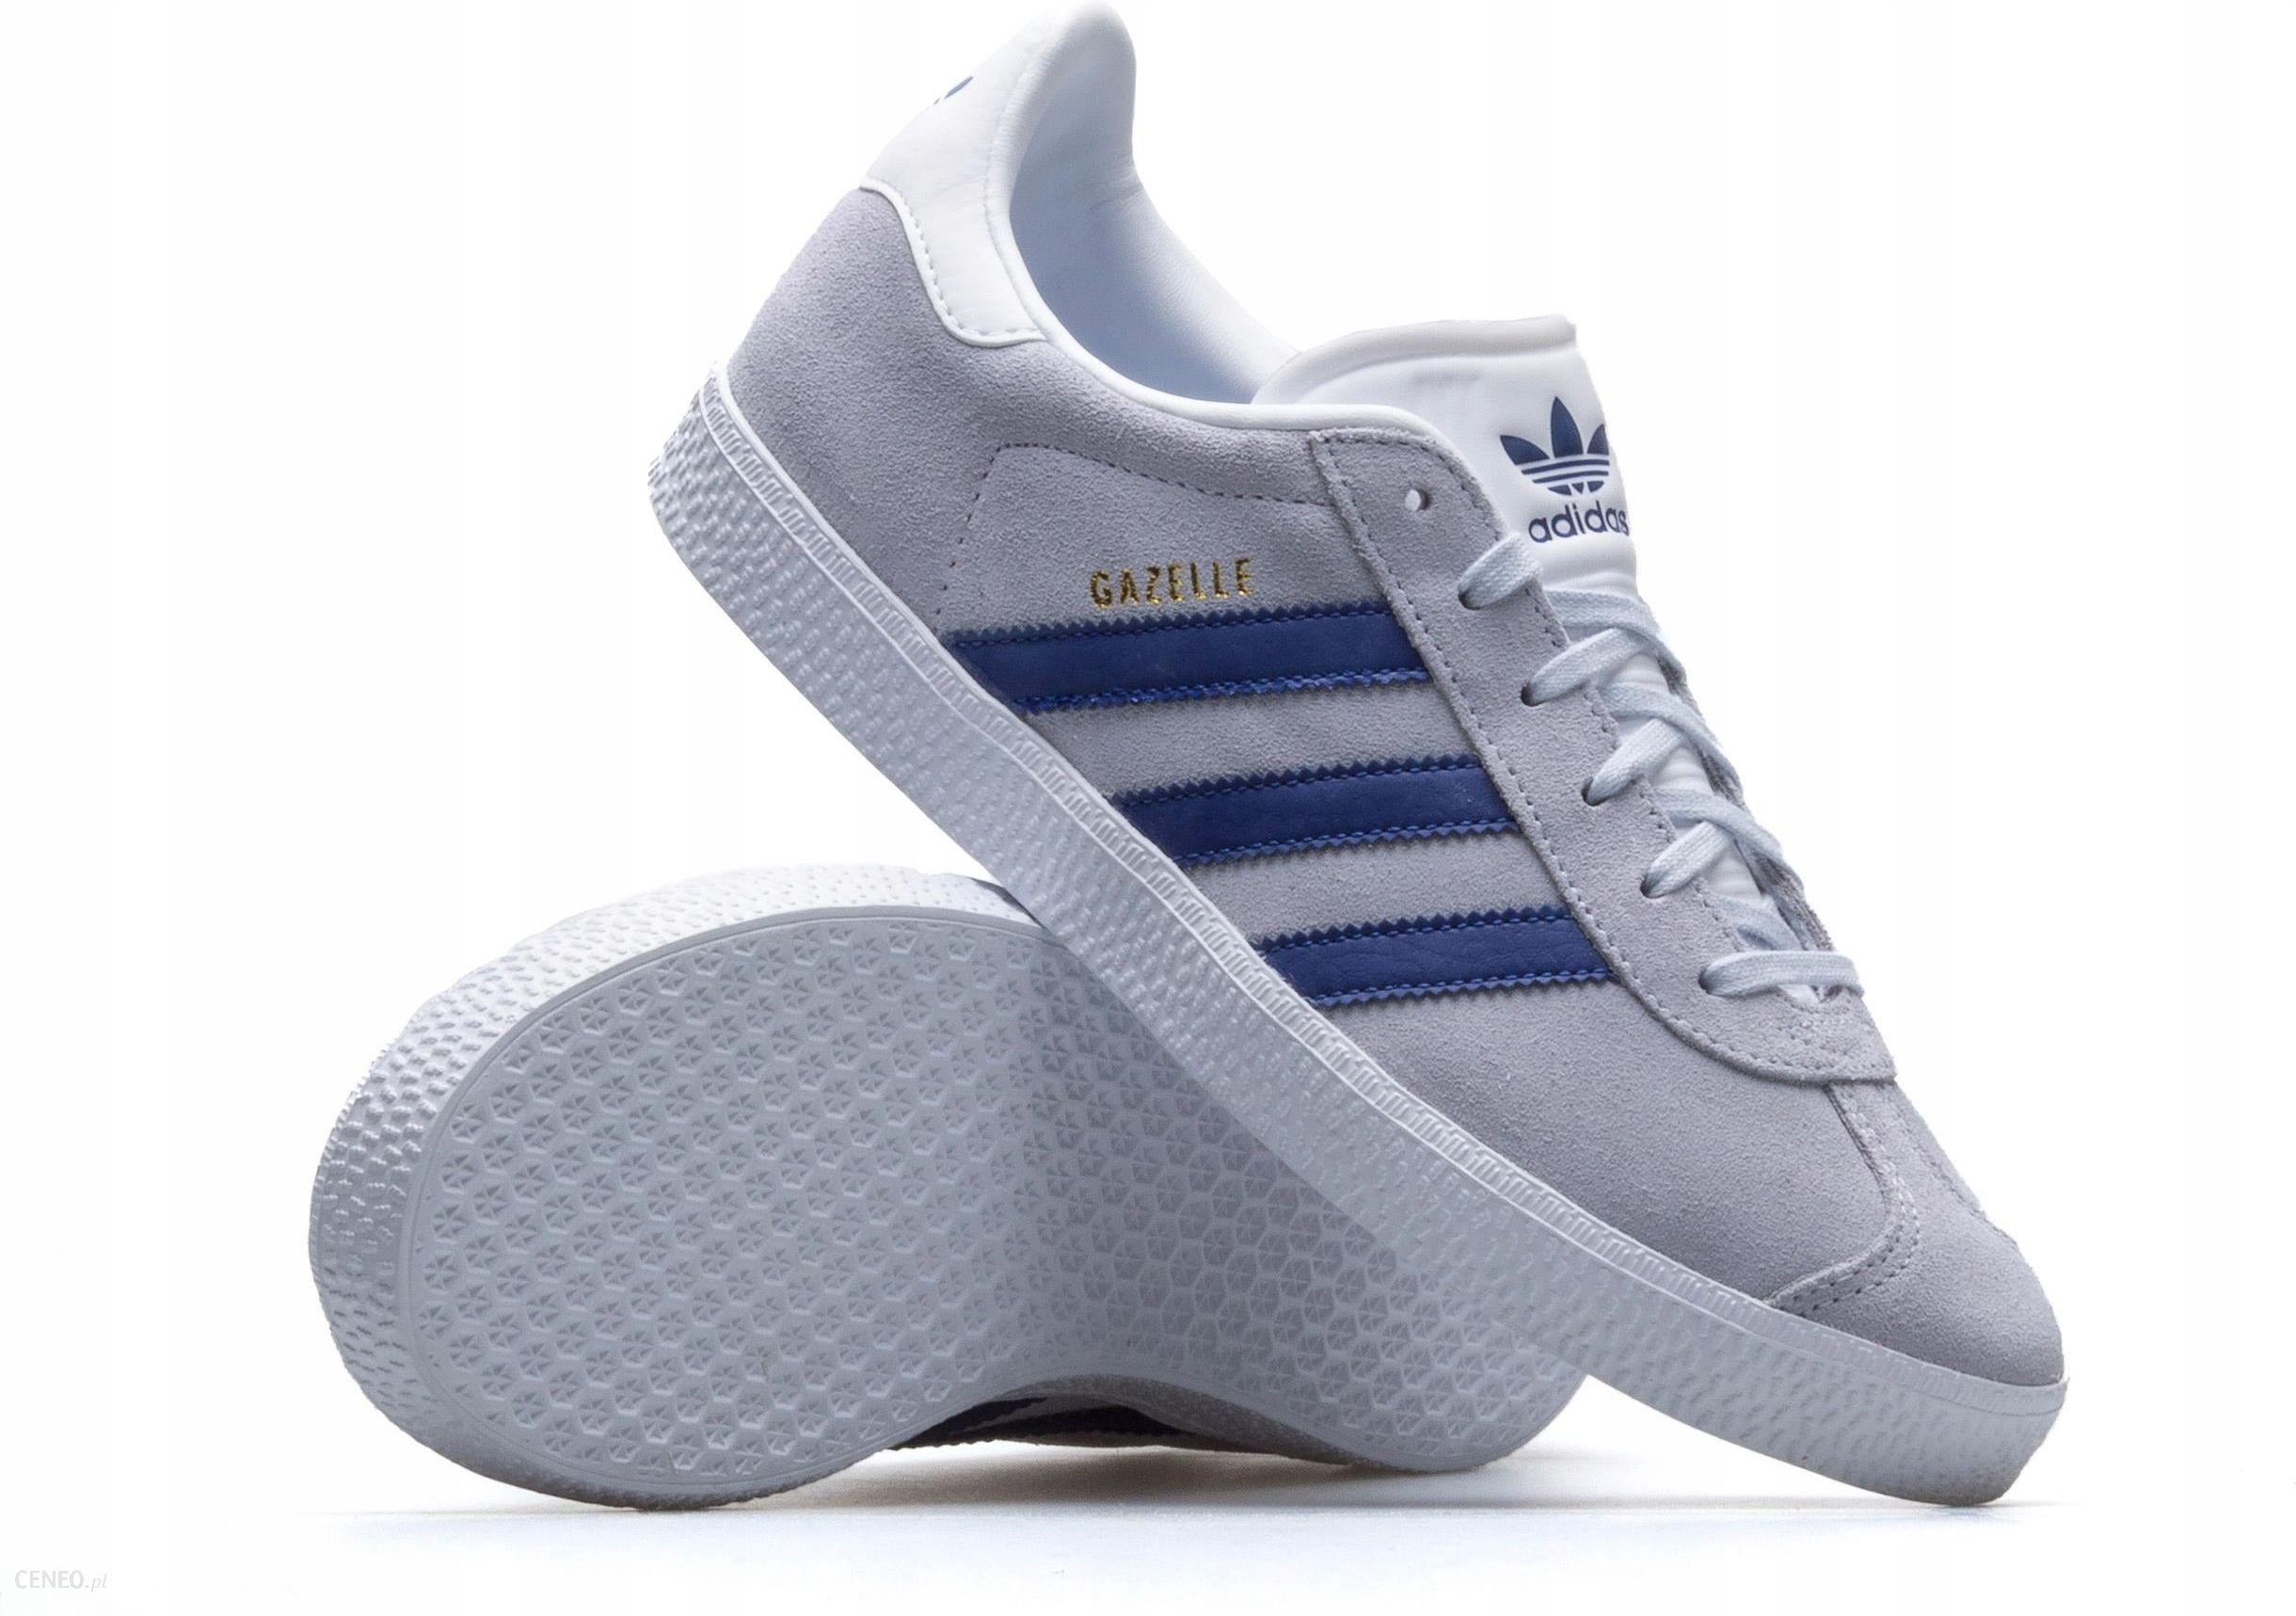 2517b1431b Buty damskie adidas Gazelle J B41518 r. 36 2 3 - Ceny i opinie ...